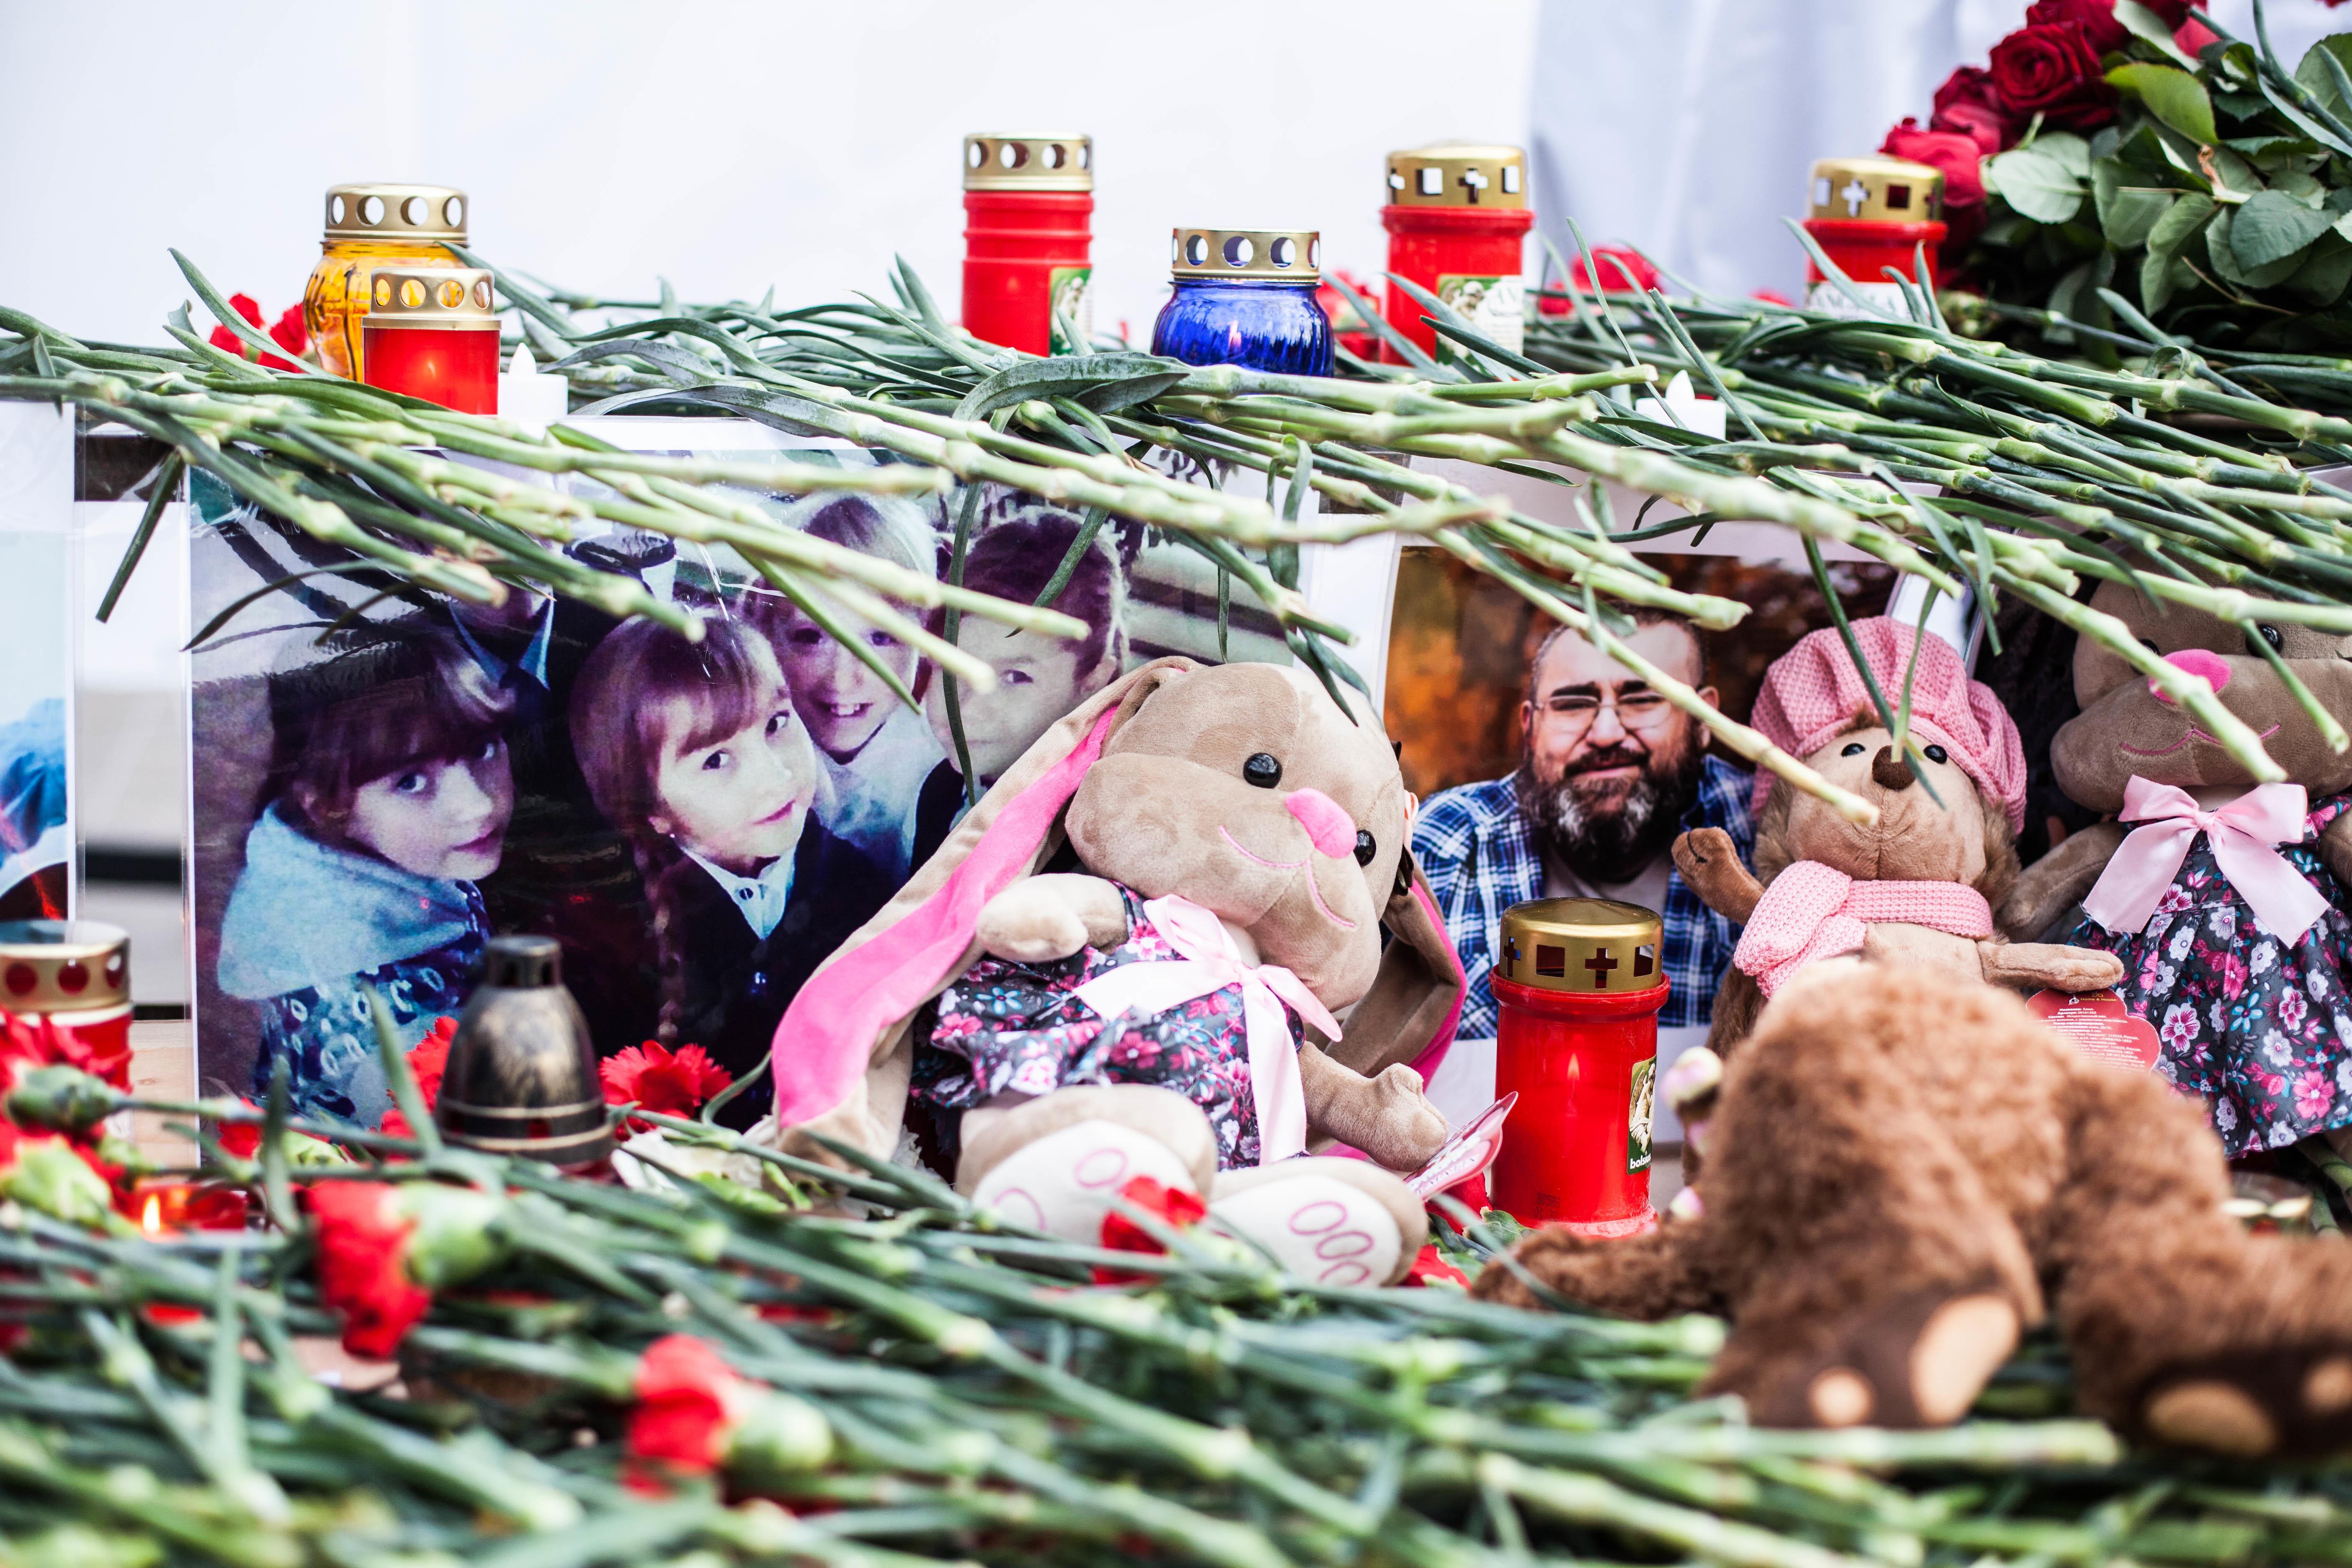 Хэштег #заперто после трагедии вТЦ «Зимняя вишня» Кемерово запустили в социальных сетях